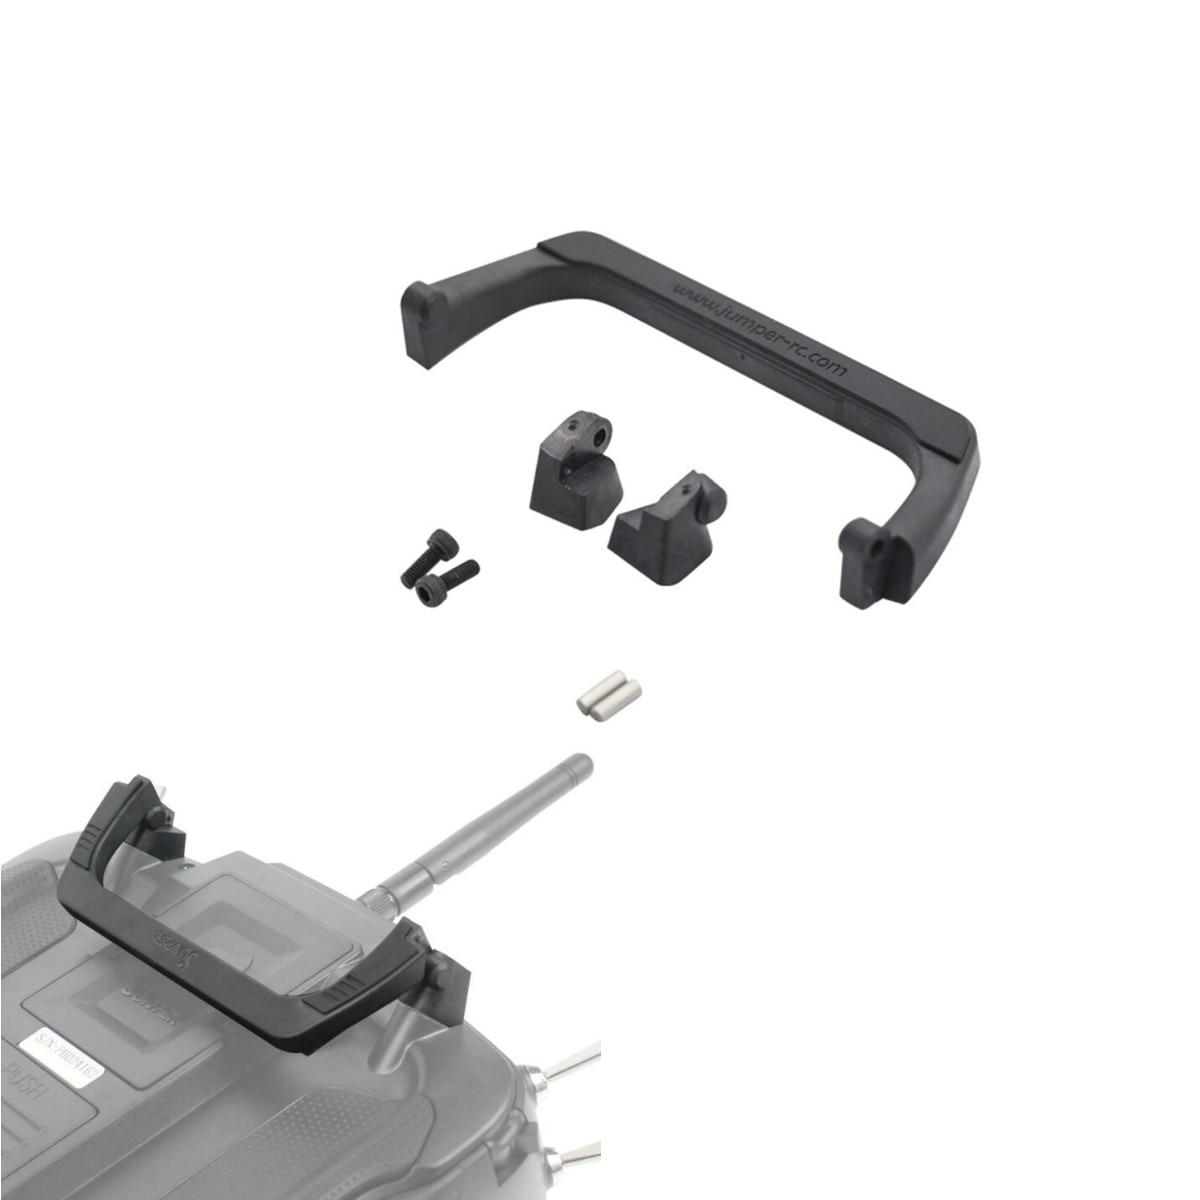 Jumper T16 T18 обновленная Складная ручка для T16, T16 Plus, T16 профессиональные для ручек запасные части для передатчика радио